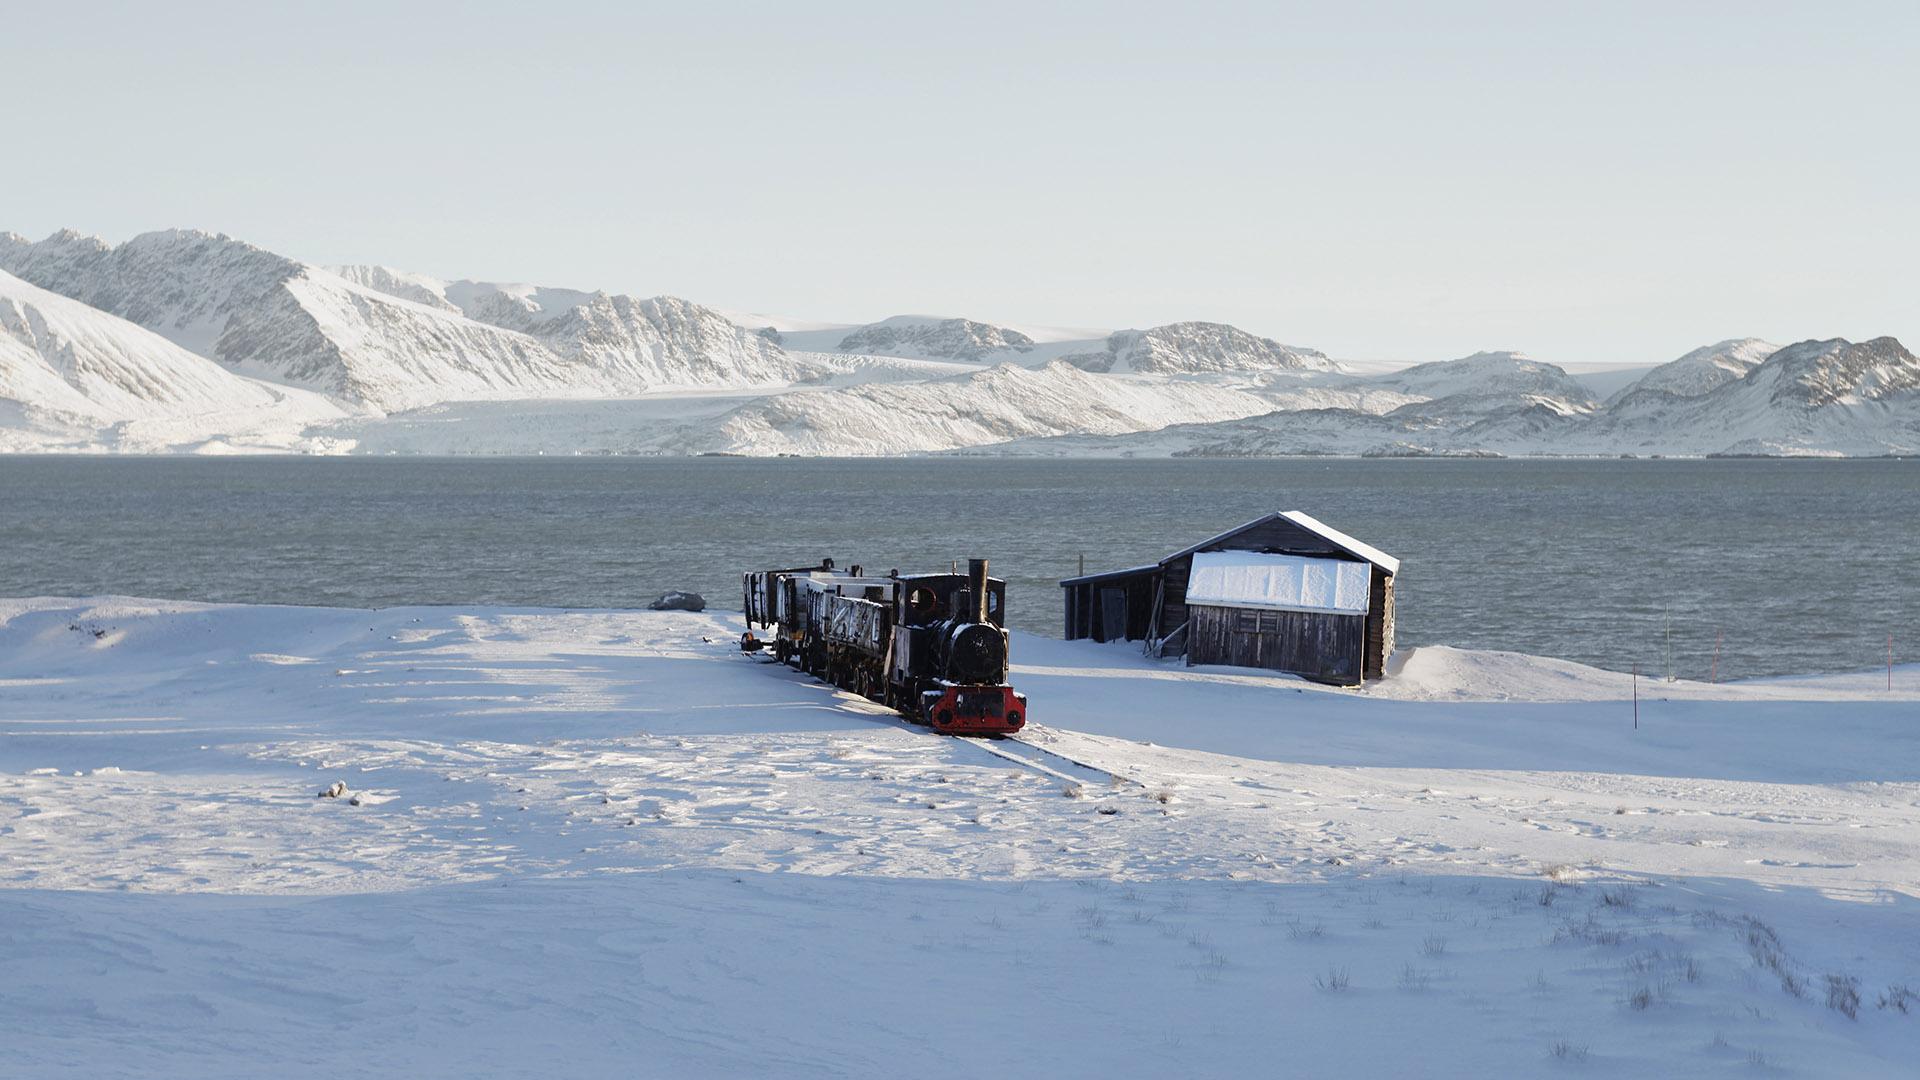 Ny-Alesund, Spitsbergen, Svalbard, Artic Ocean V, 2013<br/>